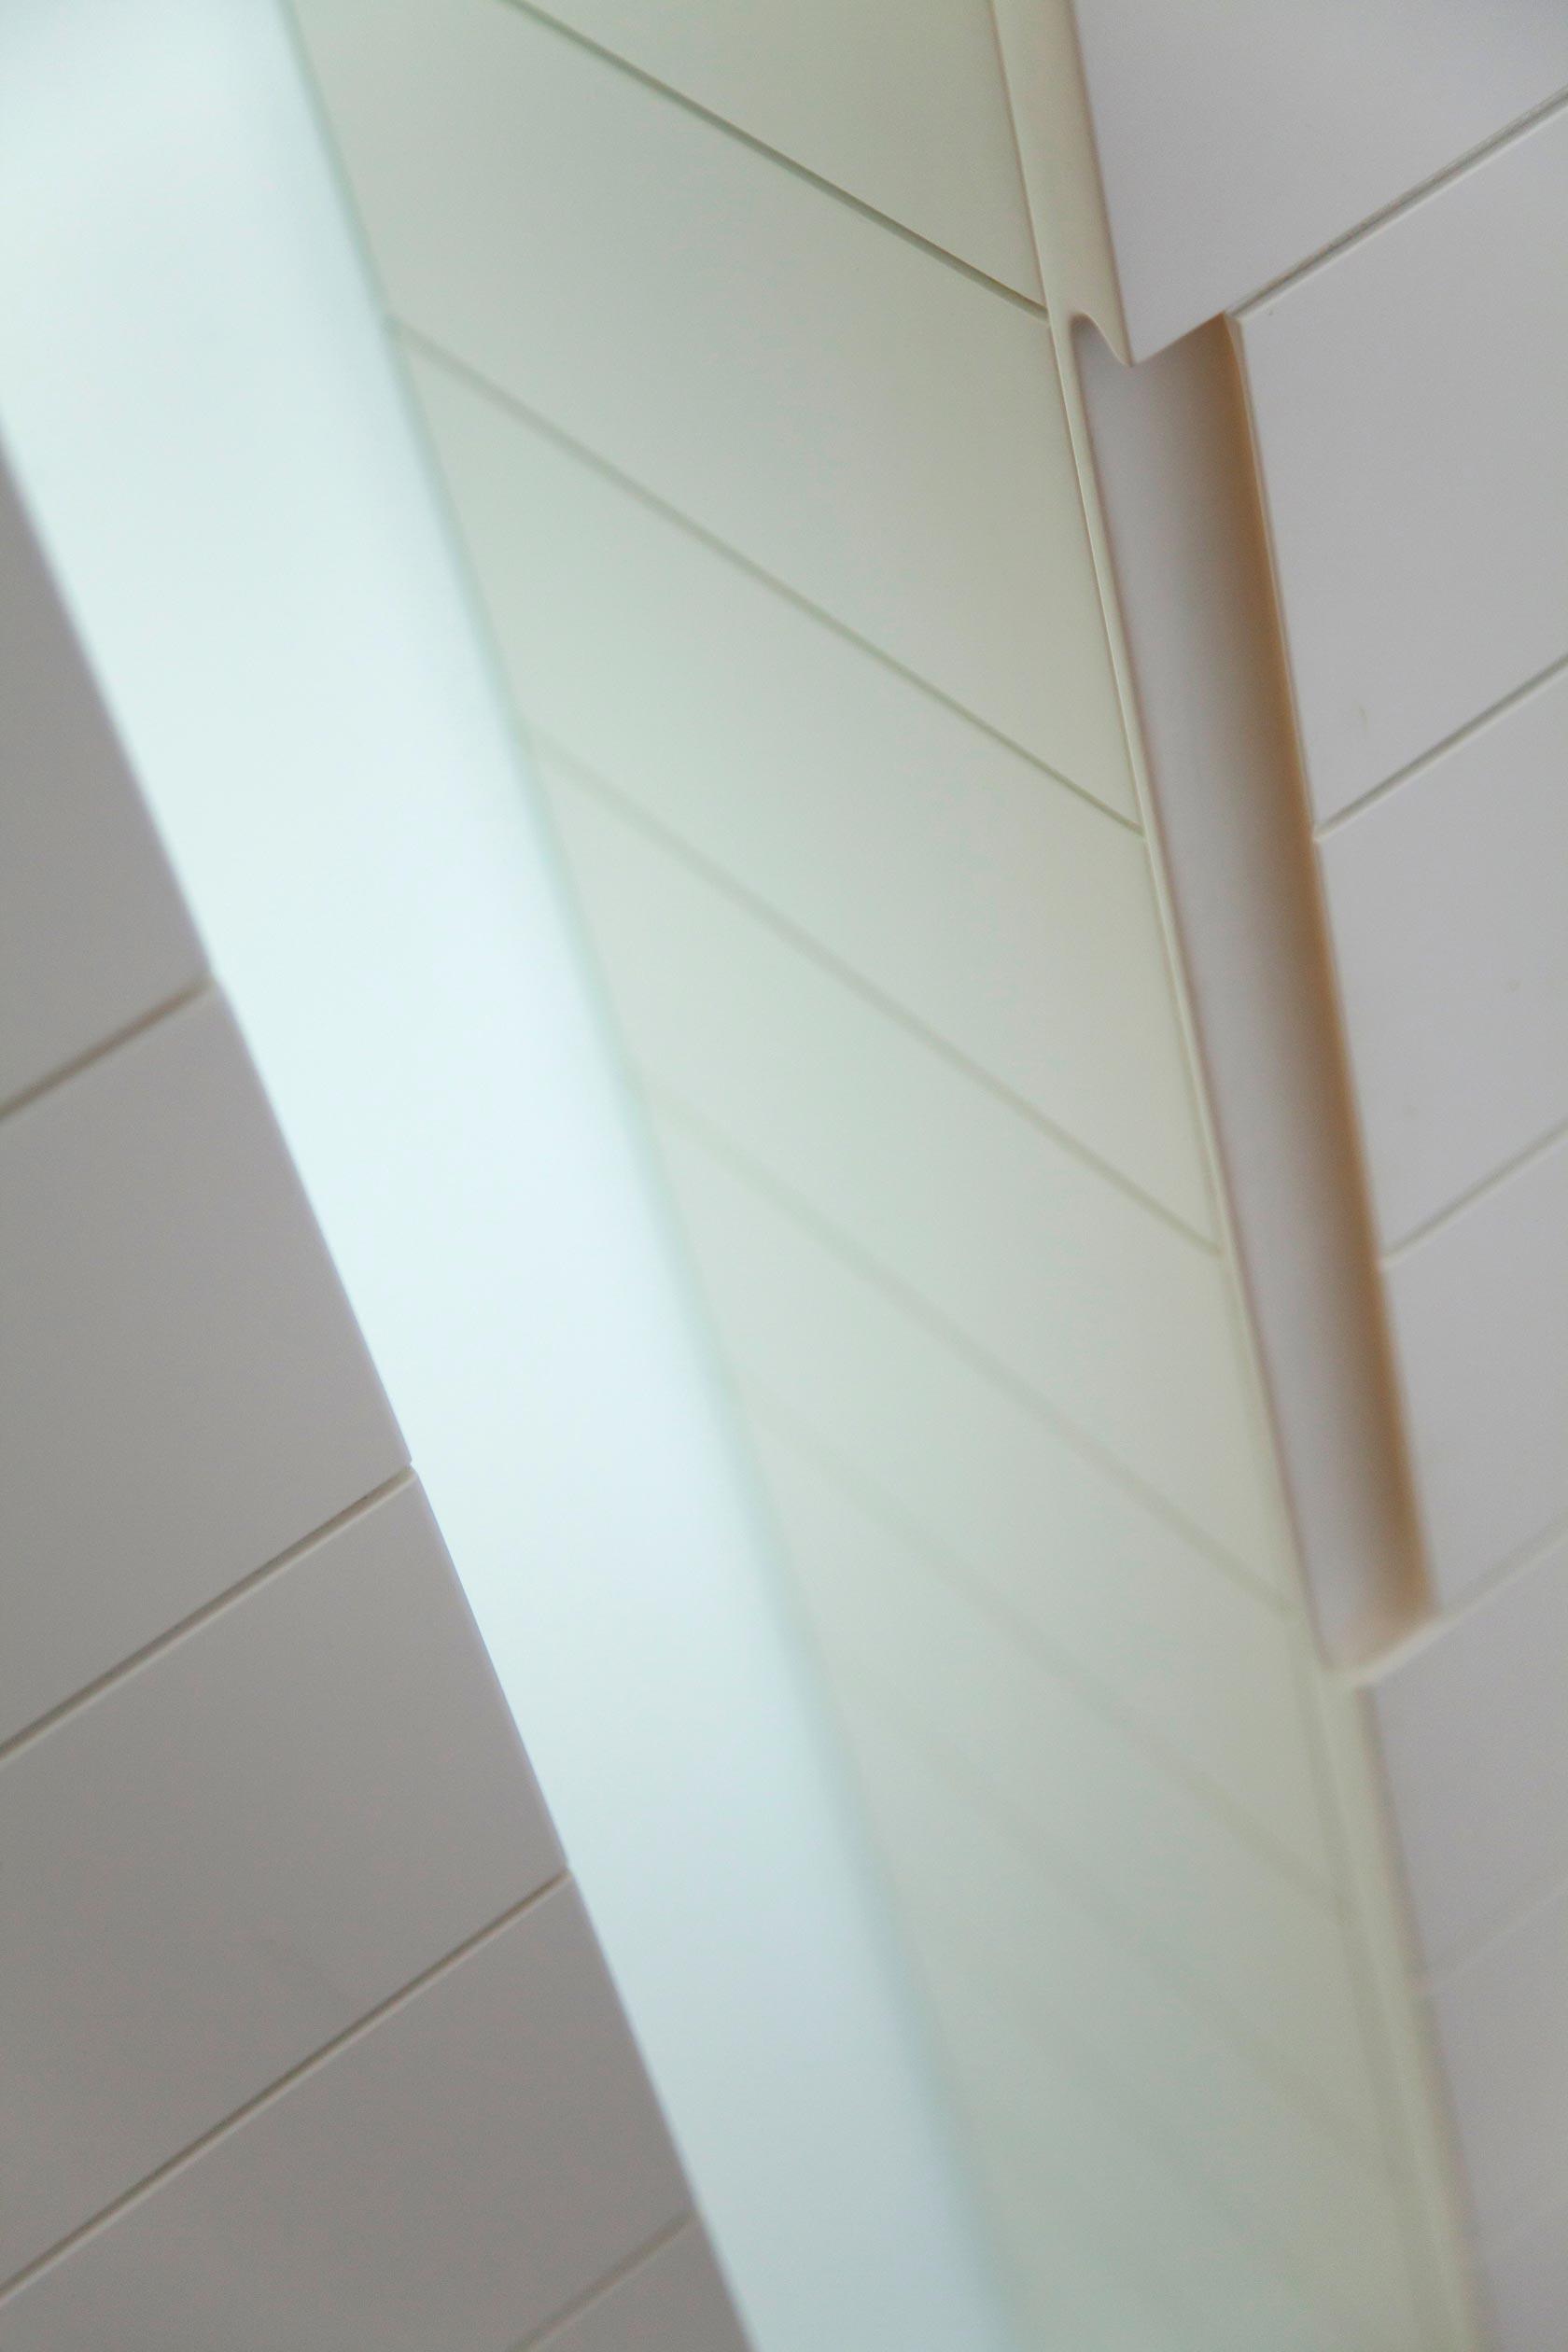 חיפוי ציפוי קיר דלתות חריצי ניתוק צבע אפוקסי מט